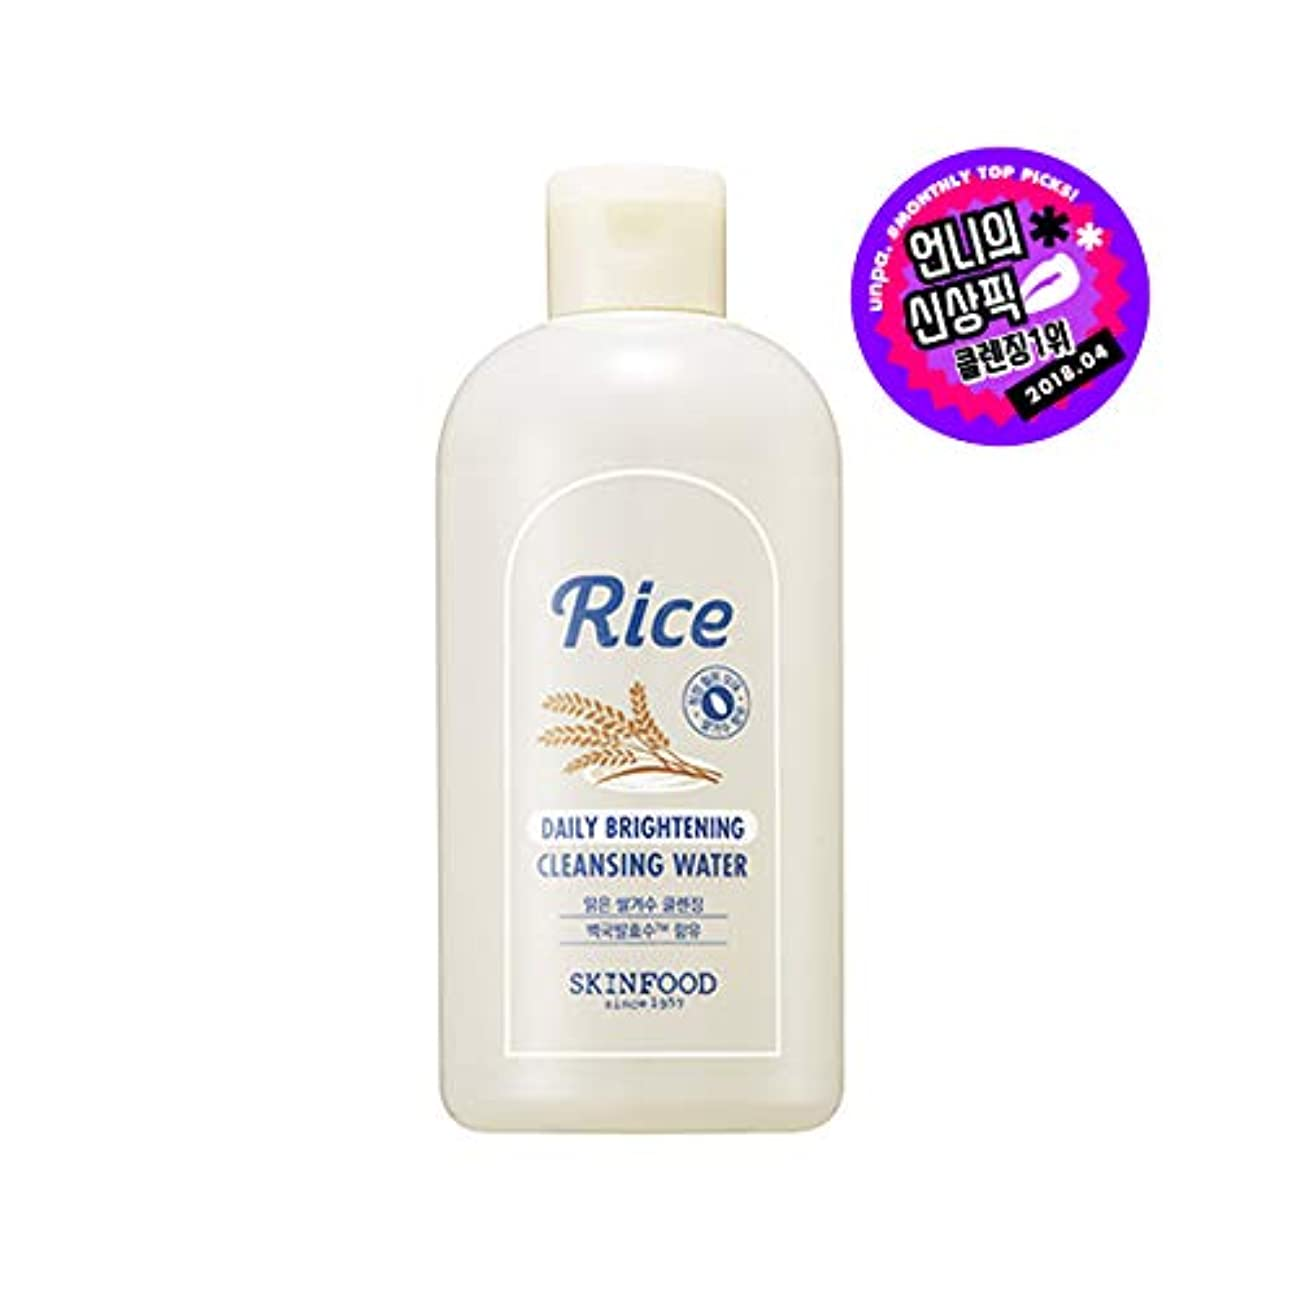 フラッシュのように素早く不健康リングレットSkinfood/Rice Daily Brightening Mask Cleansing Water/ライスデイリーブライトニングマスククレンジングウォーター/300ml [並行輸入品]